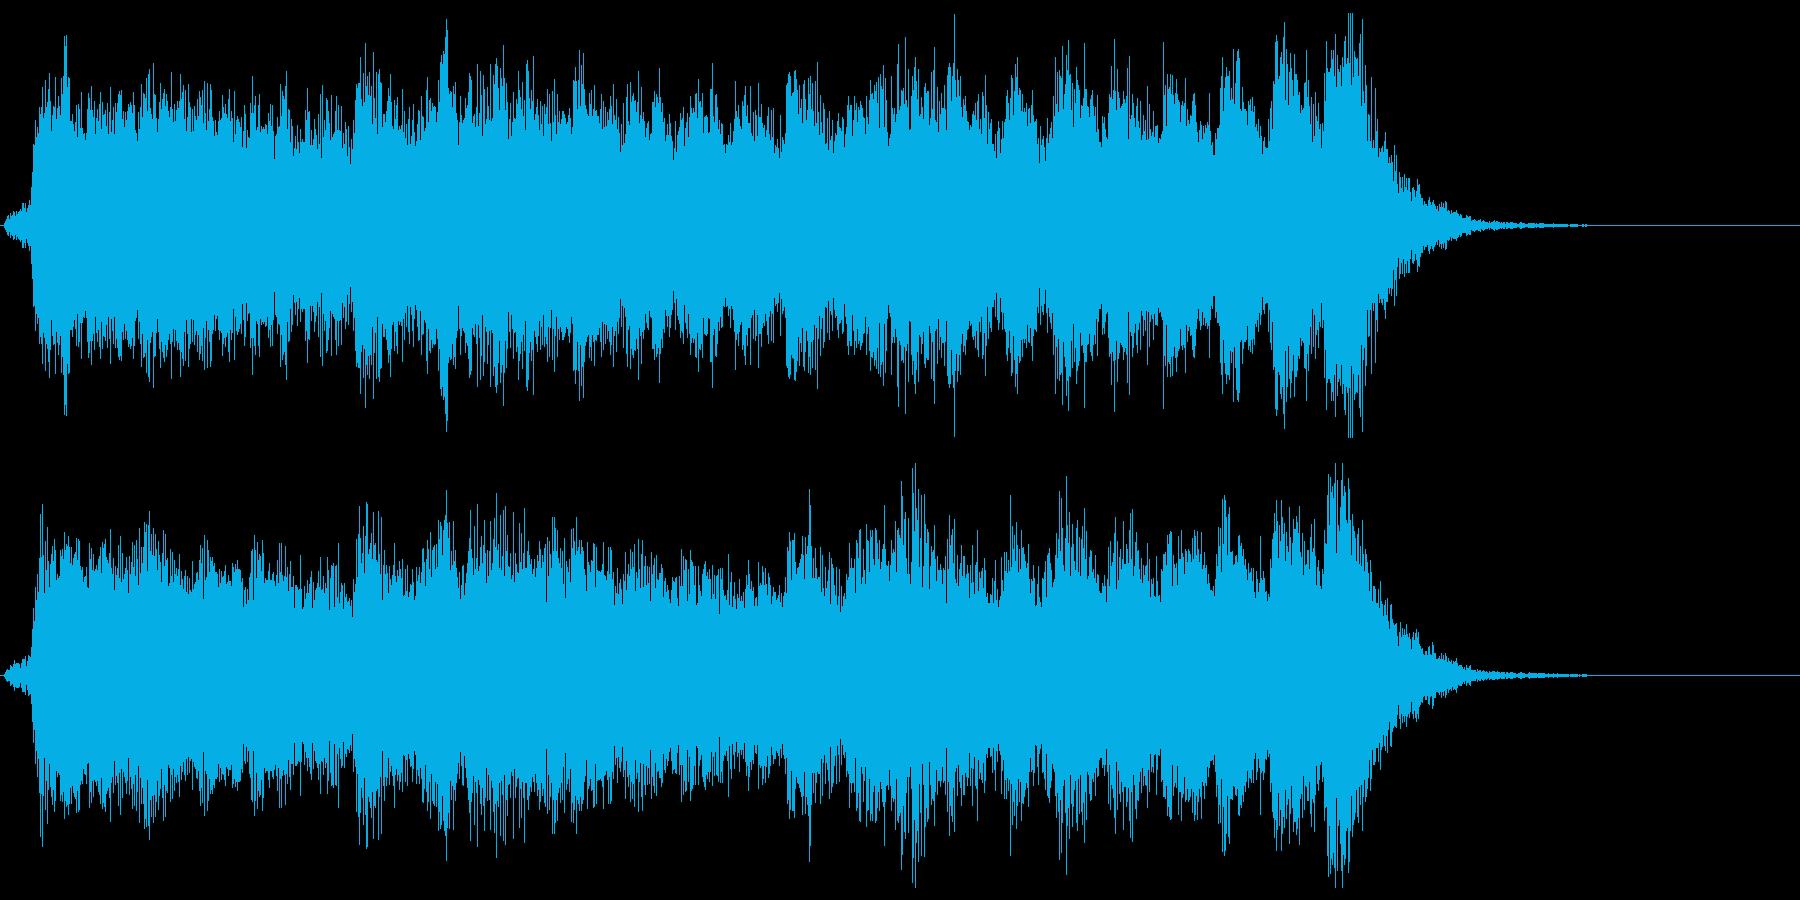 豪華な開幕!フルオケジングル合唱付の再生済みの波形